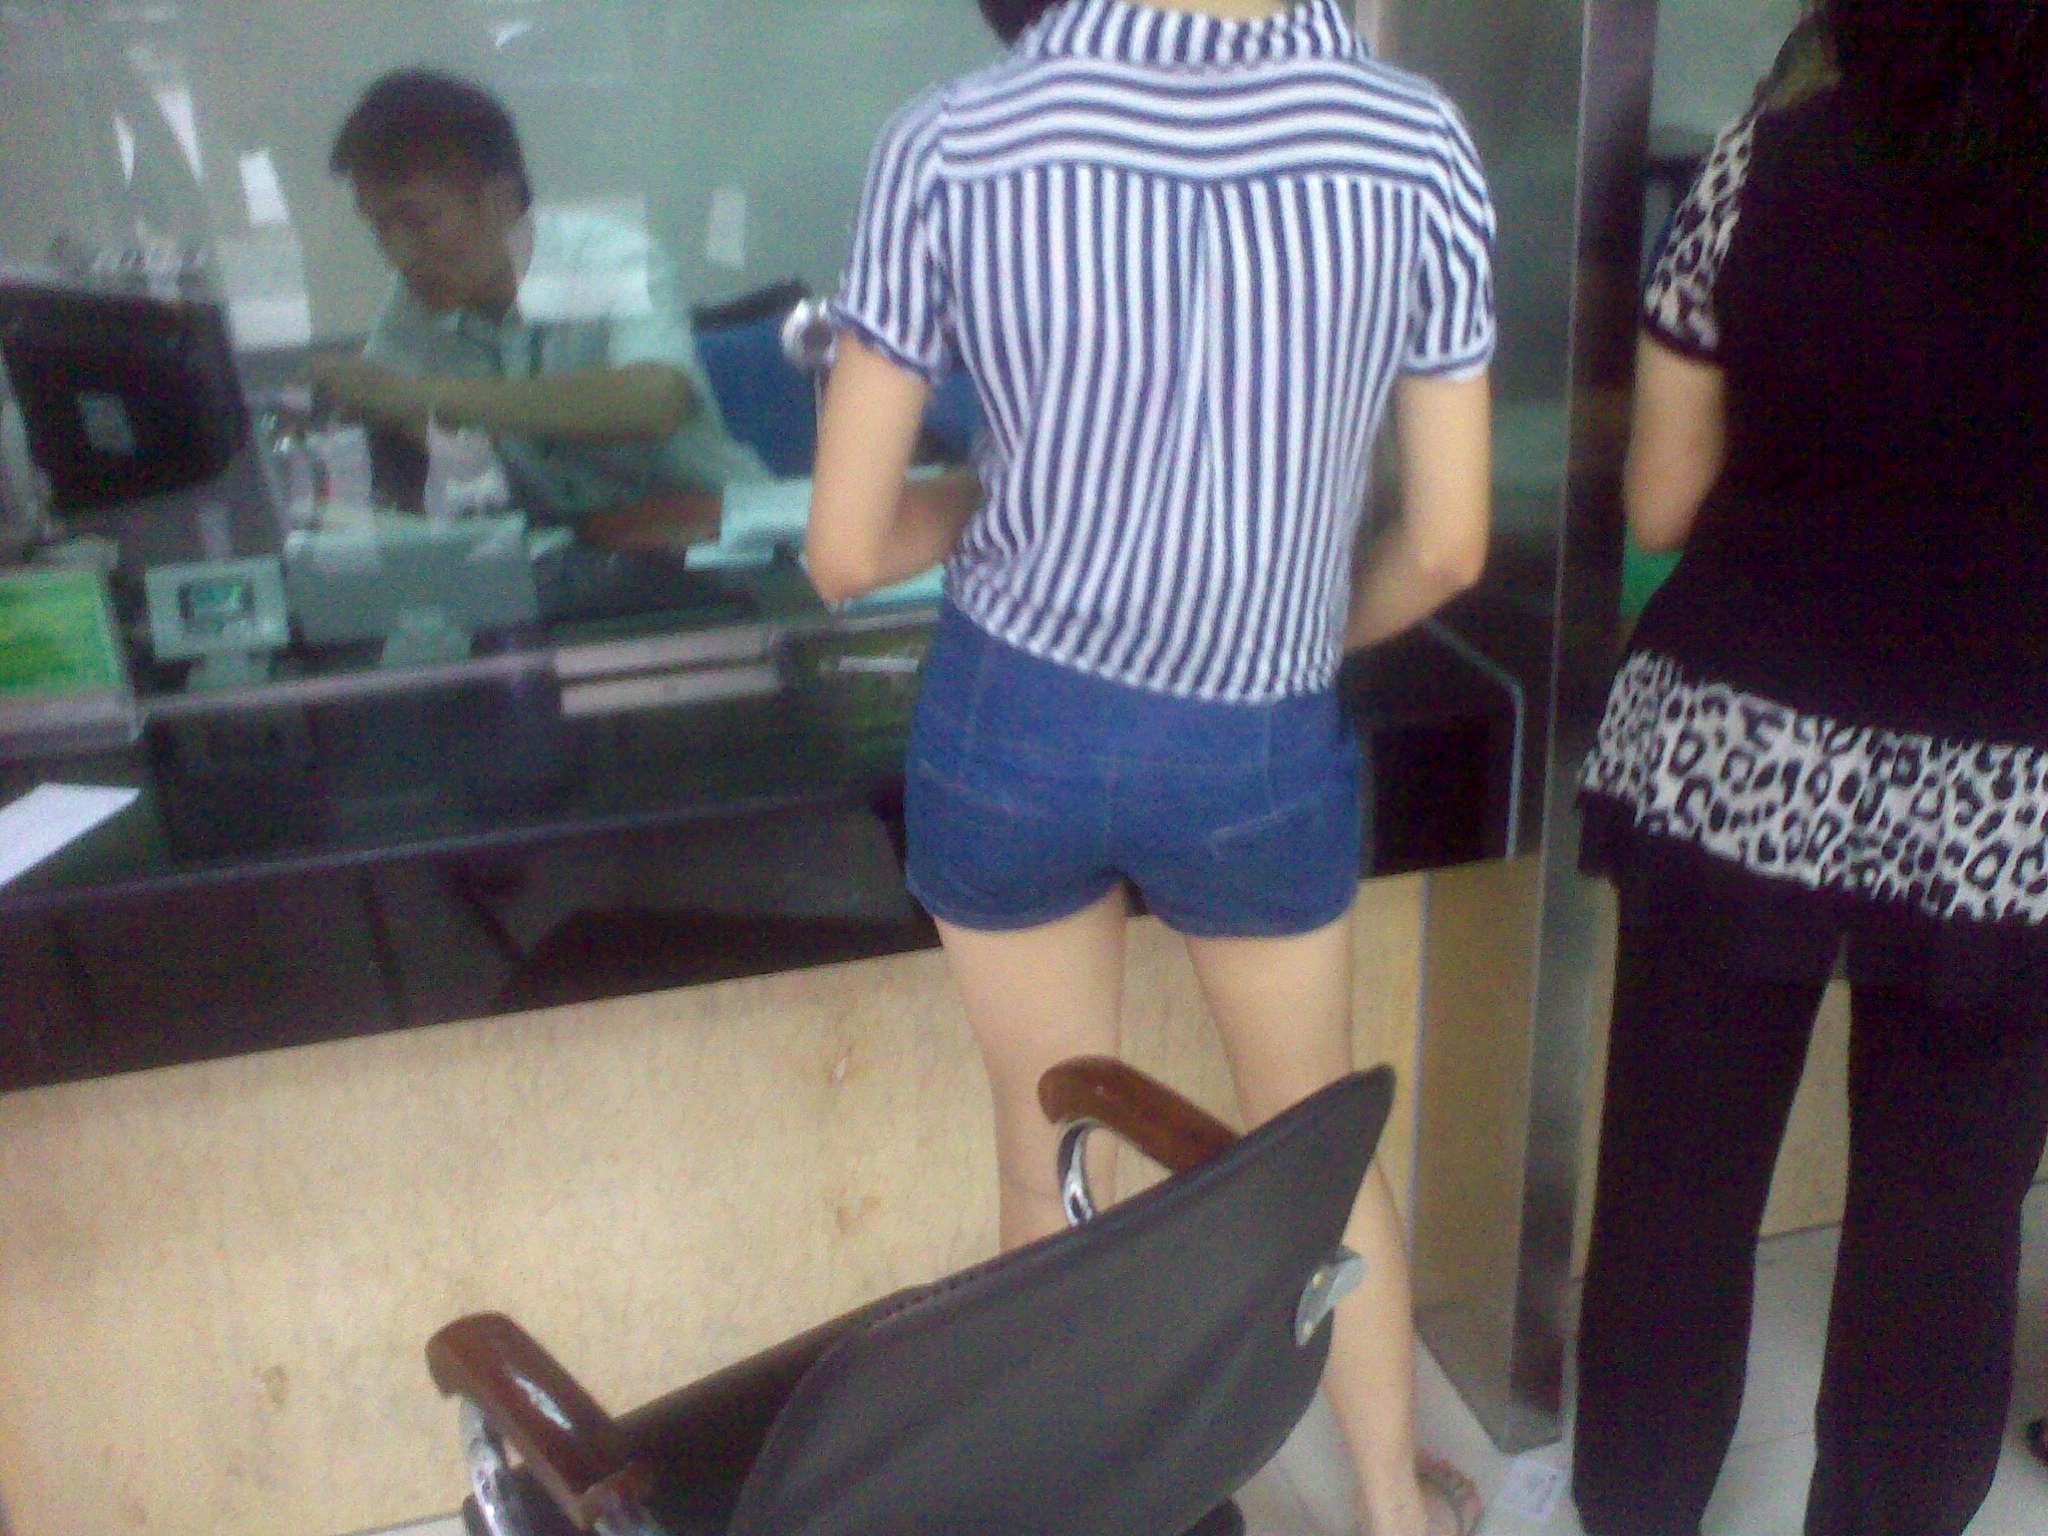 穿着齐x小短裤